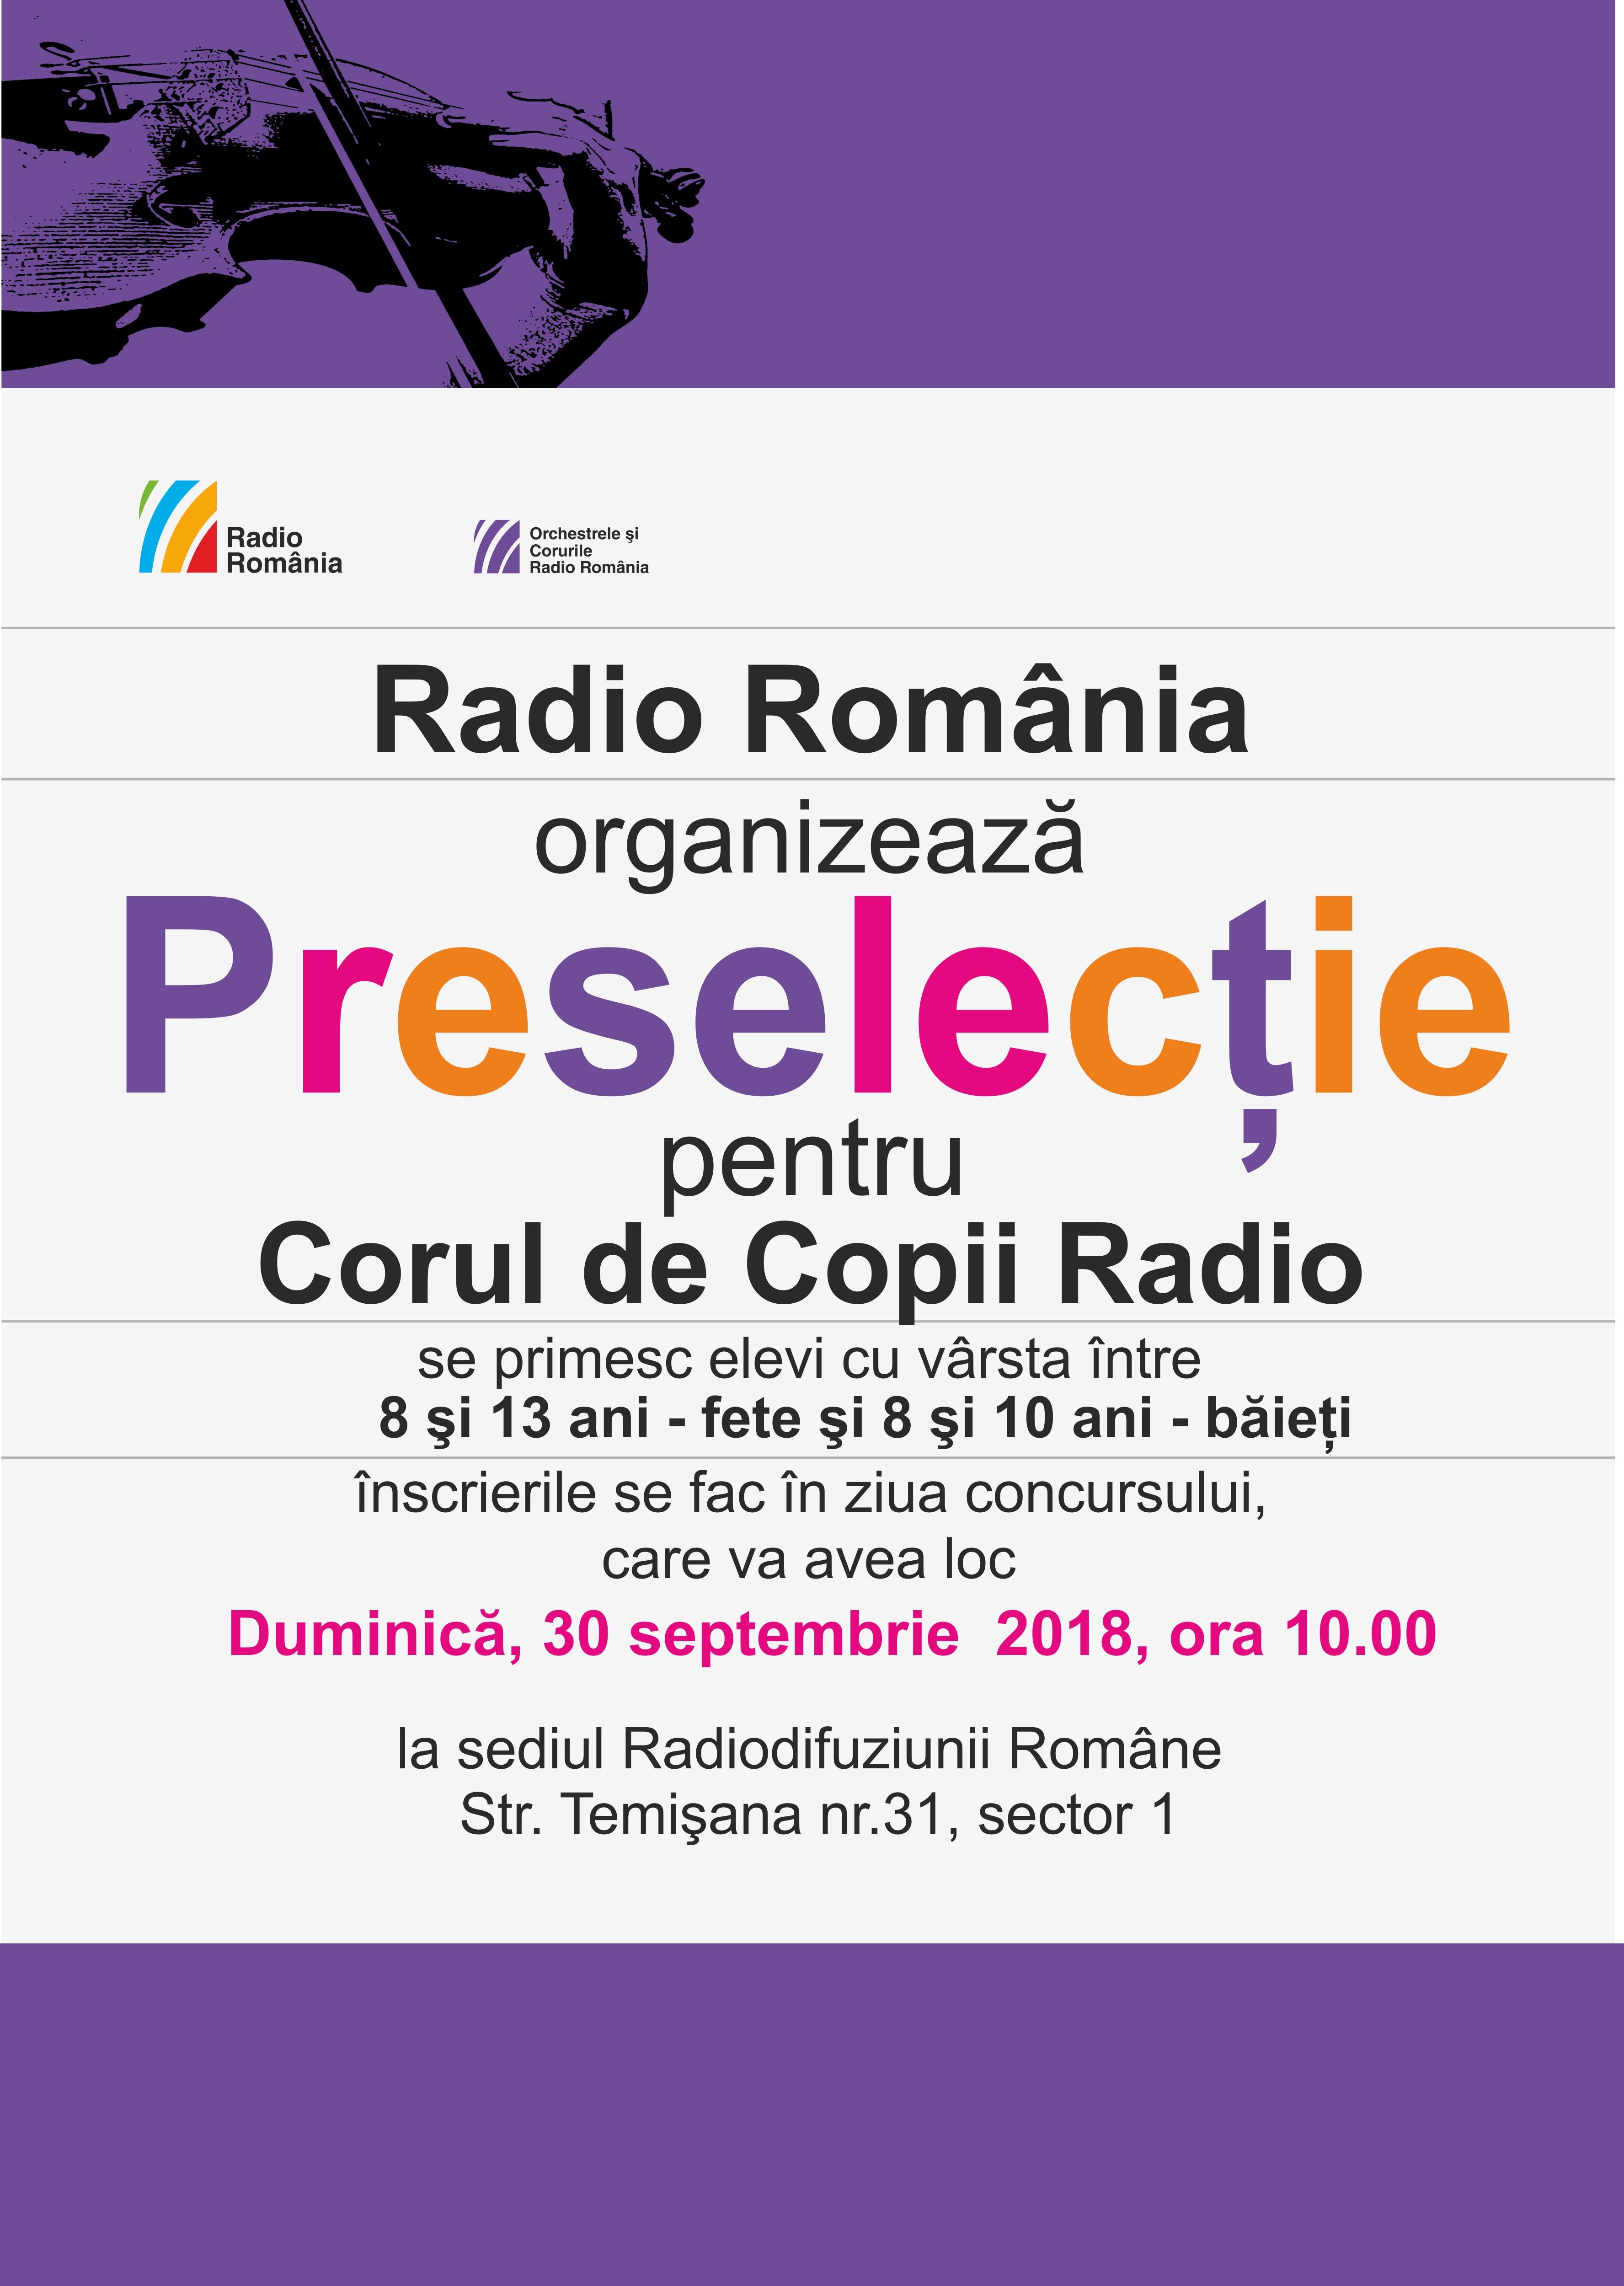 PRESELECŢIE PENTRU CORUL DE COPII RADIO